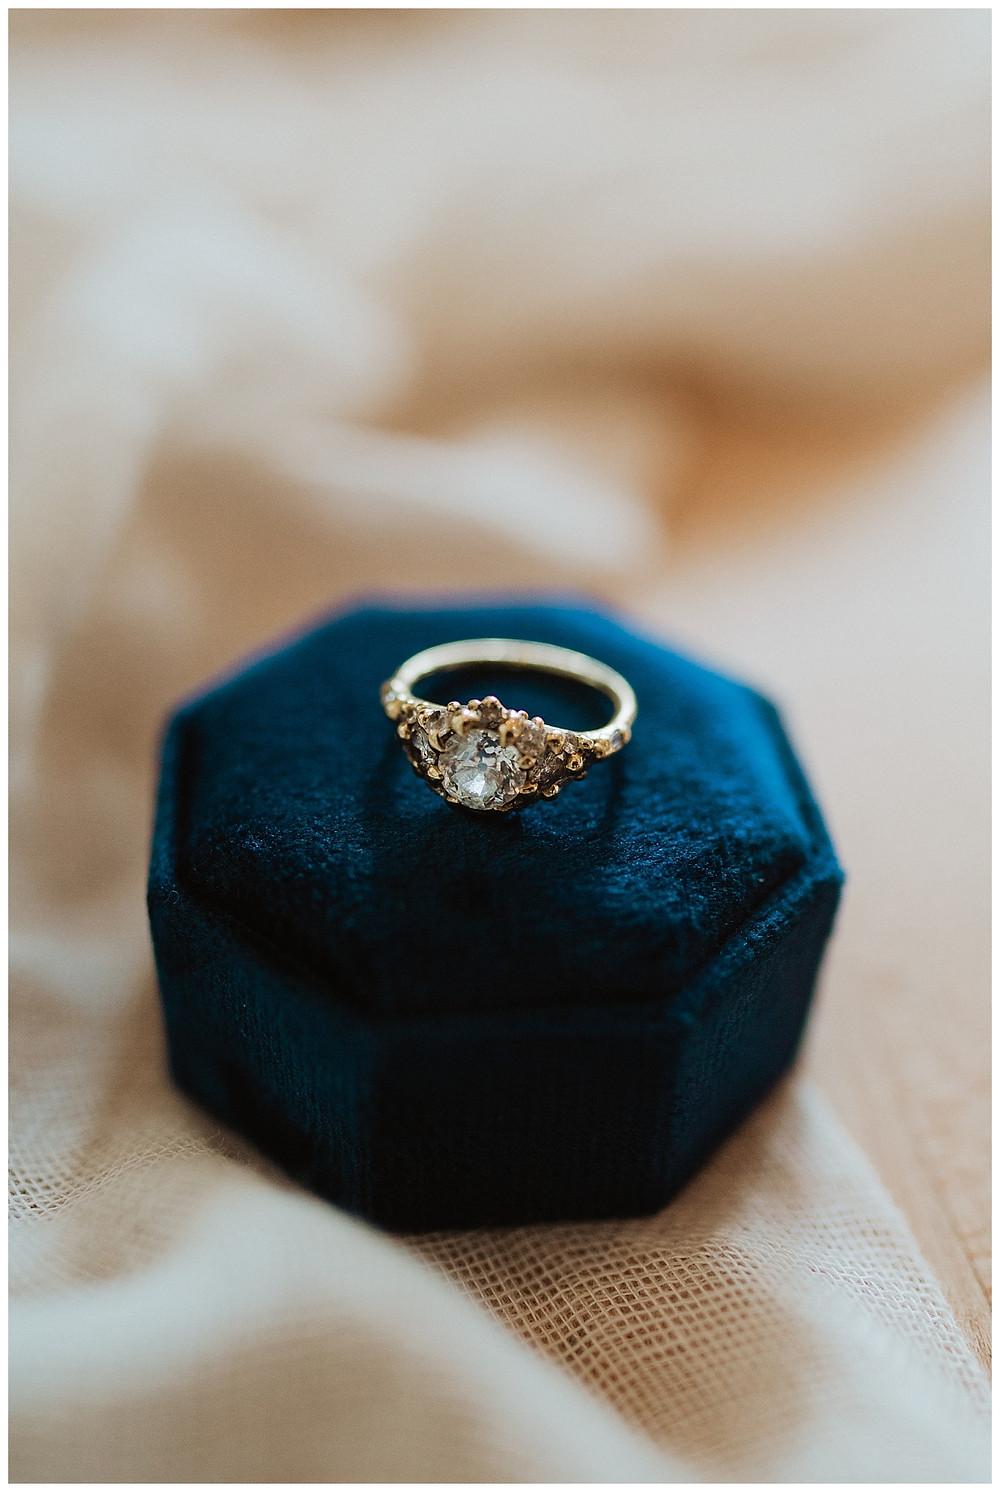 Light Blue Vintage Wedding Ring with Navy Velvet Ring Box